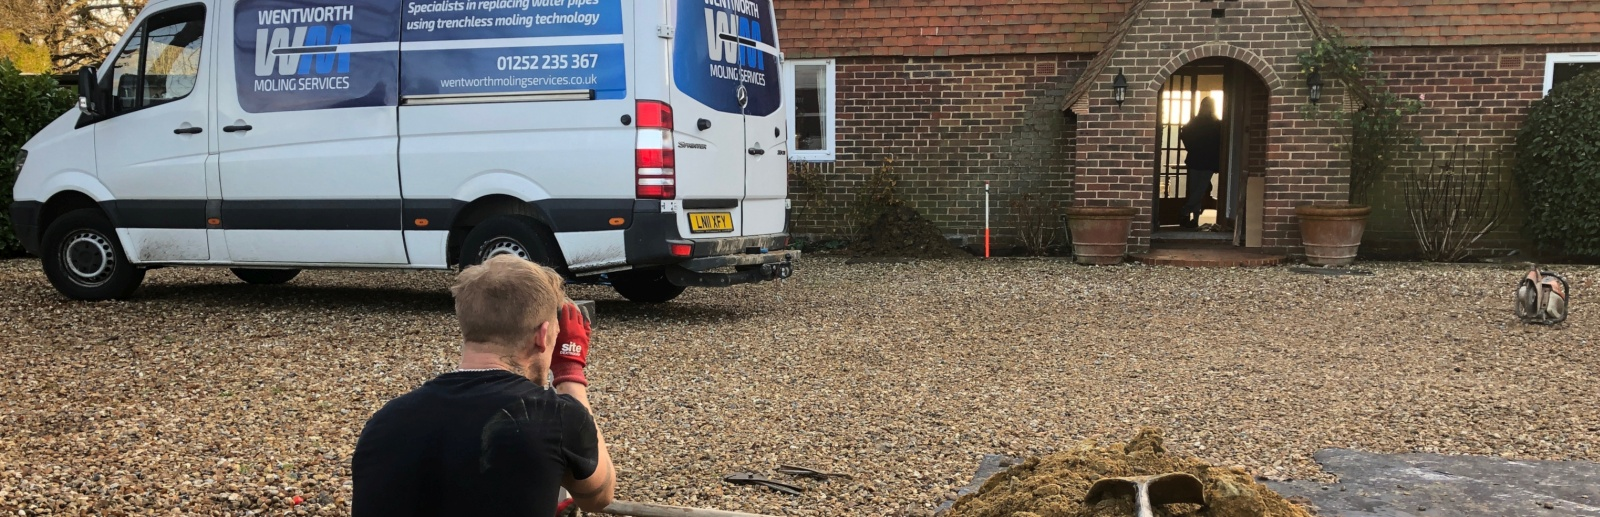 Moling Contractors Hampshire